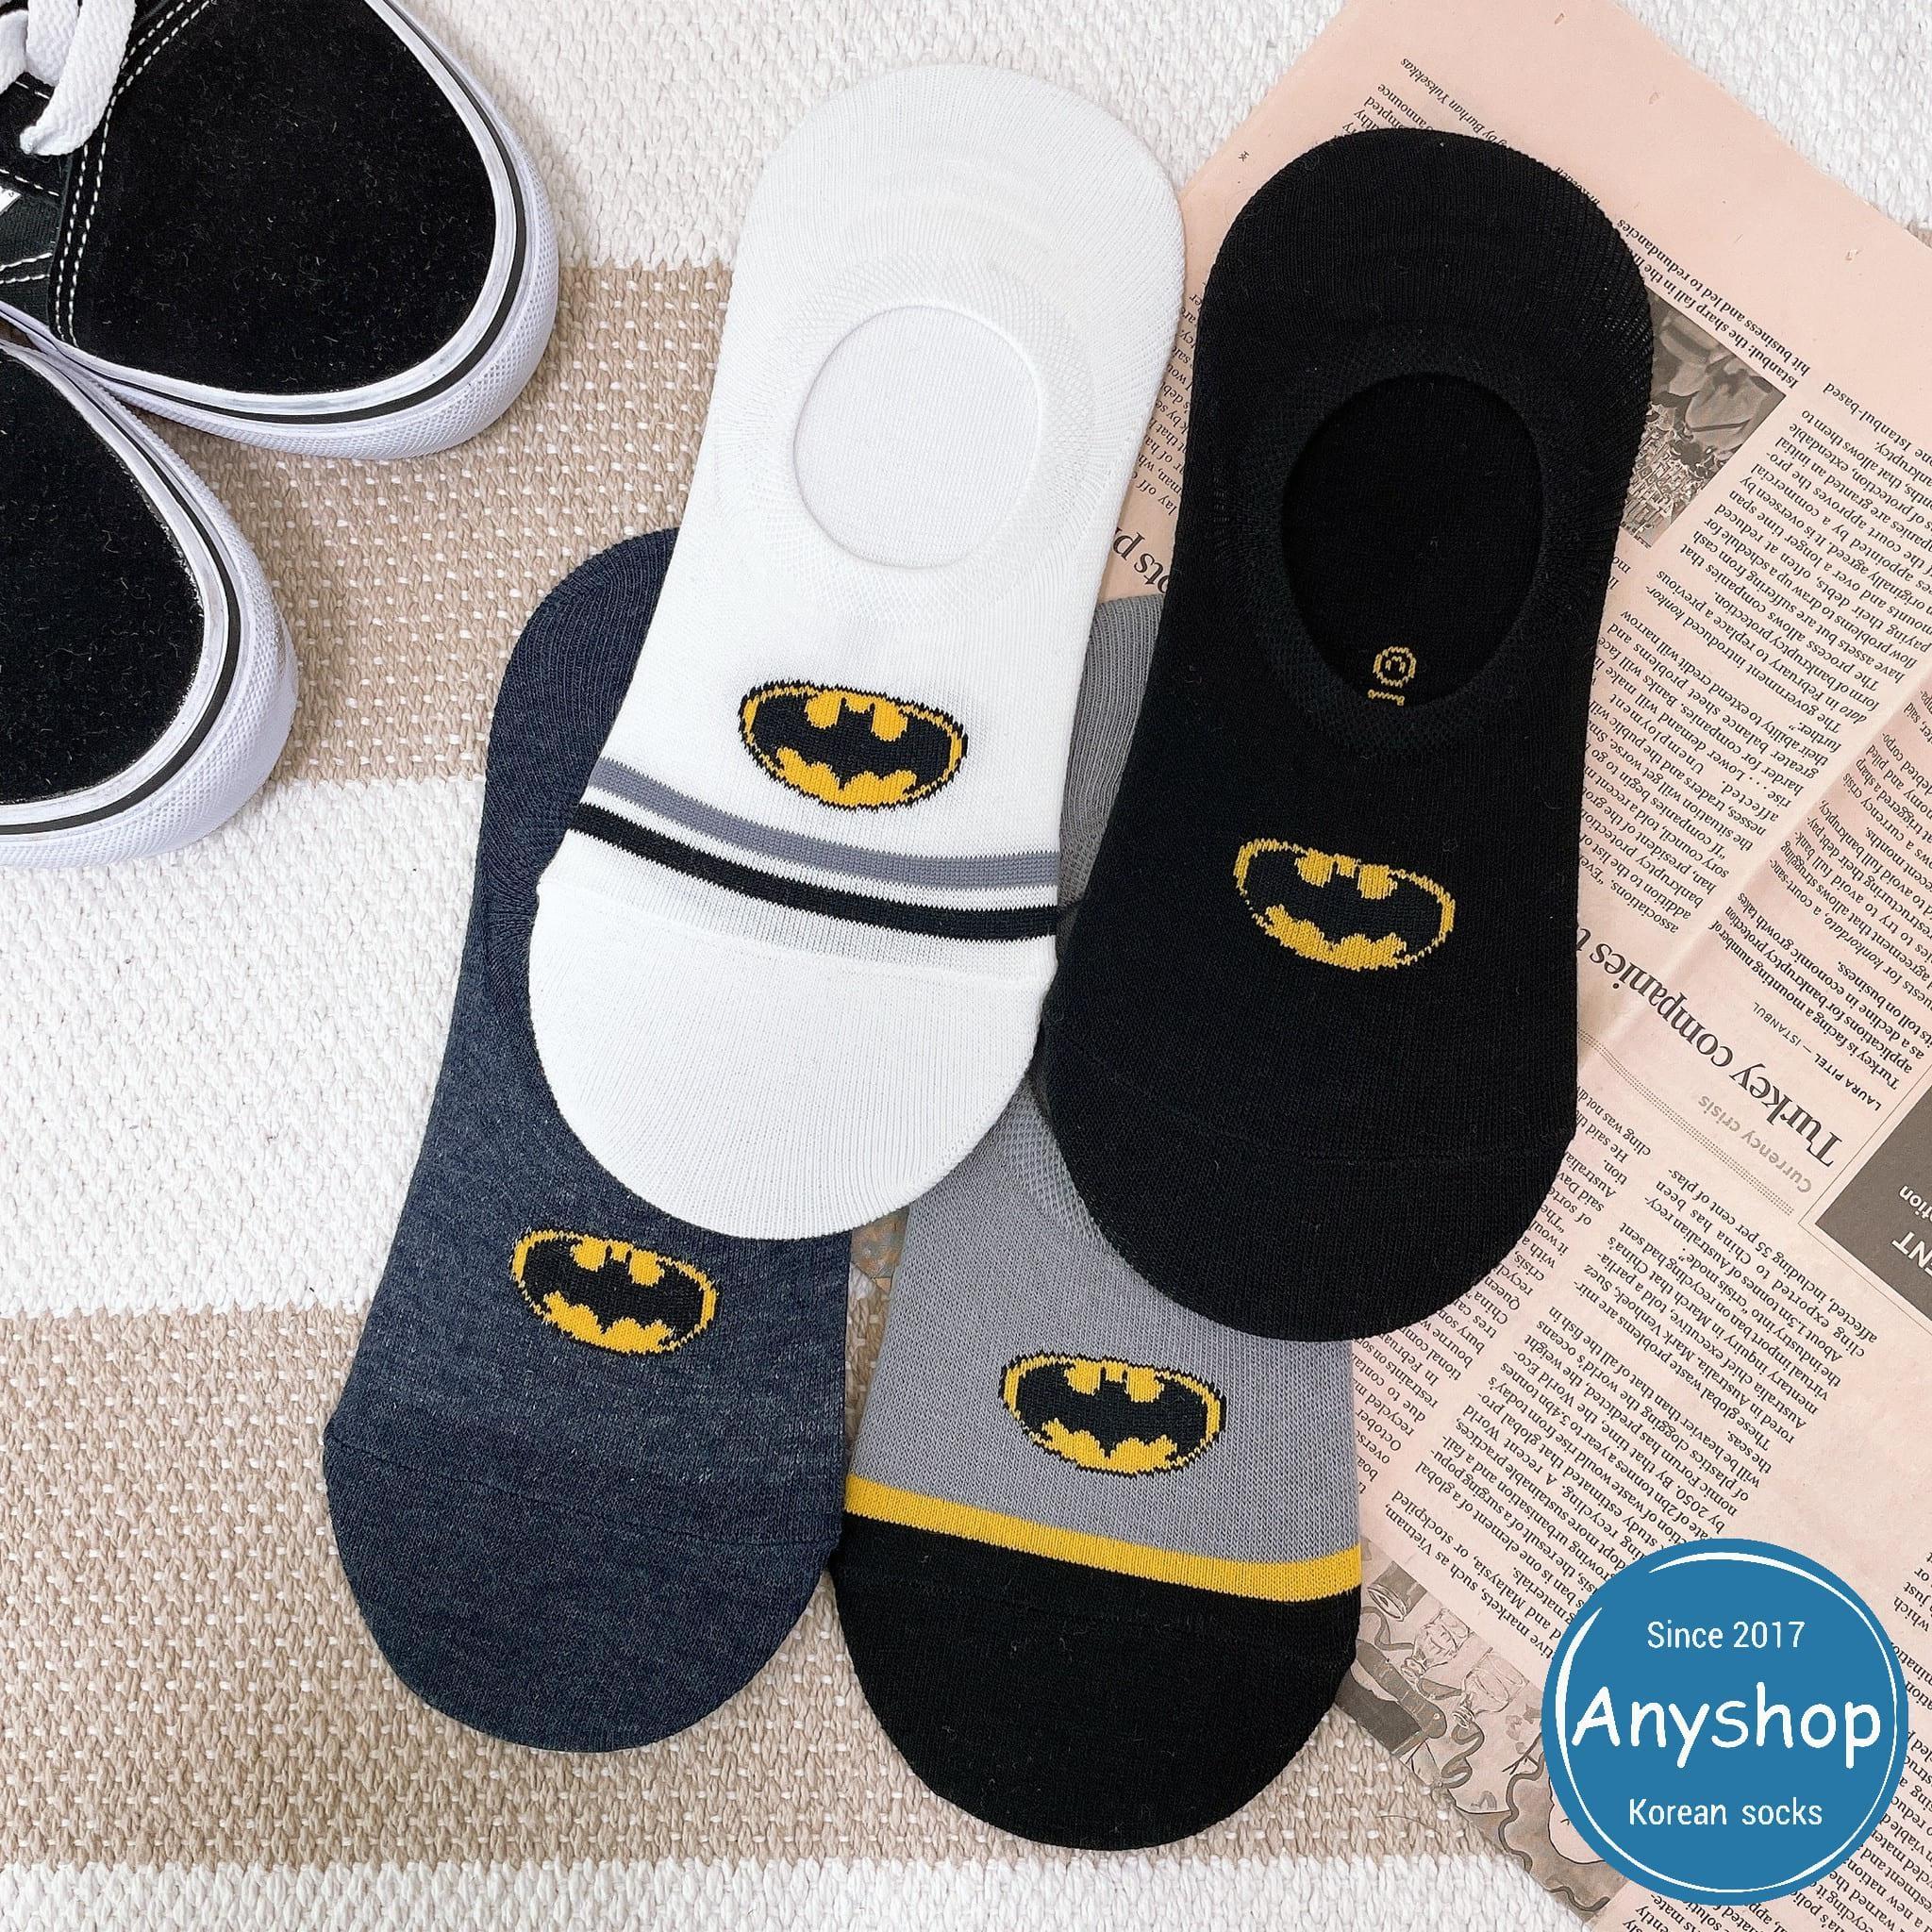 韓國襪-[Anyshop]蝙蝠俠男士船型襪